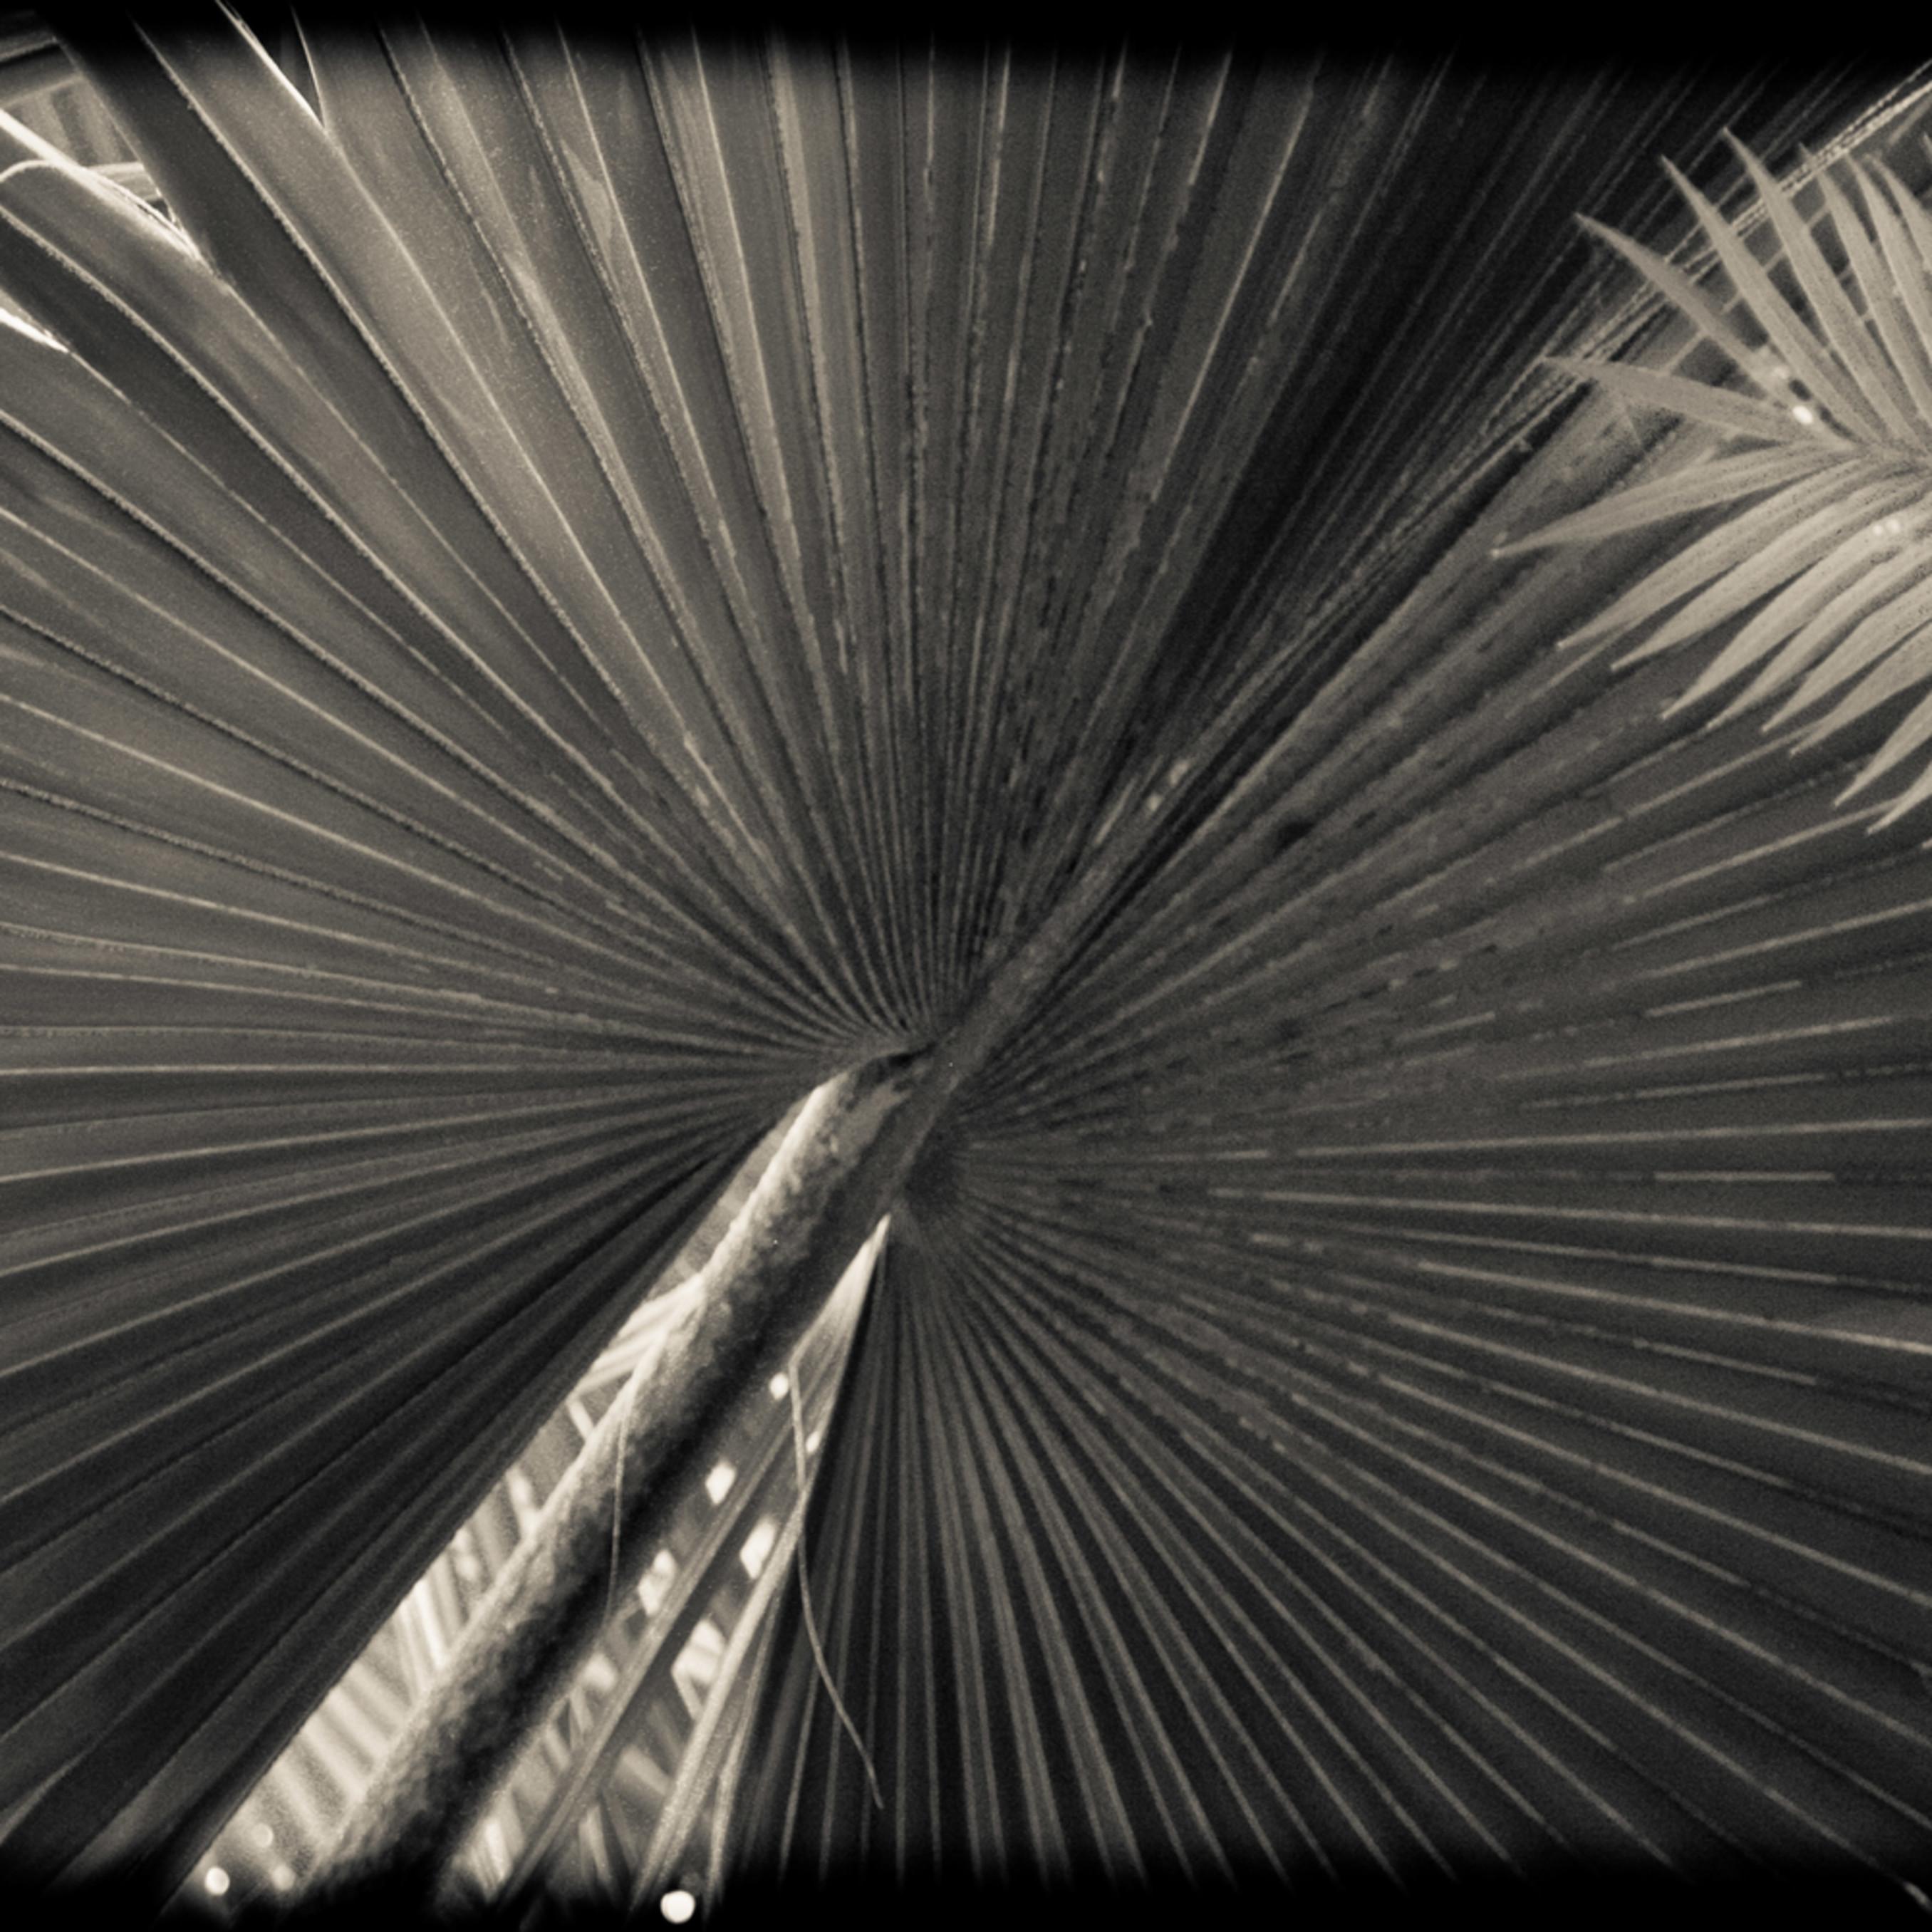 Ferns lyr7mb